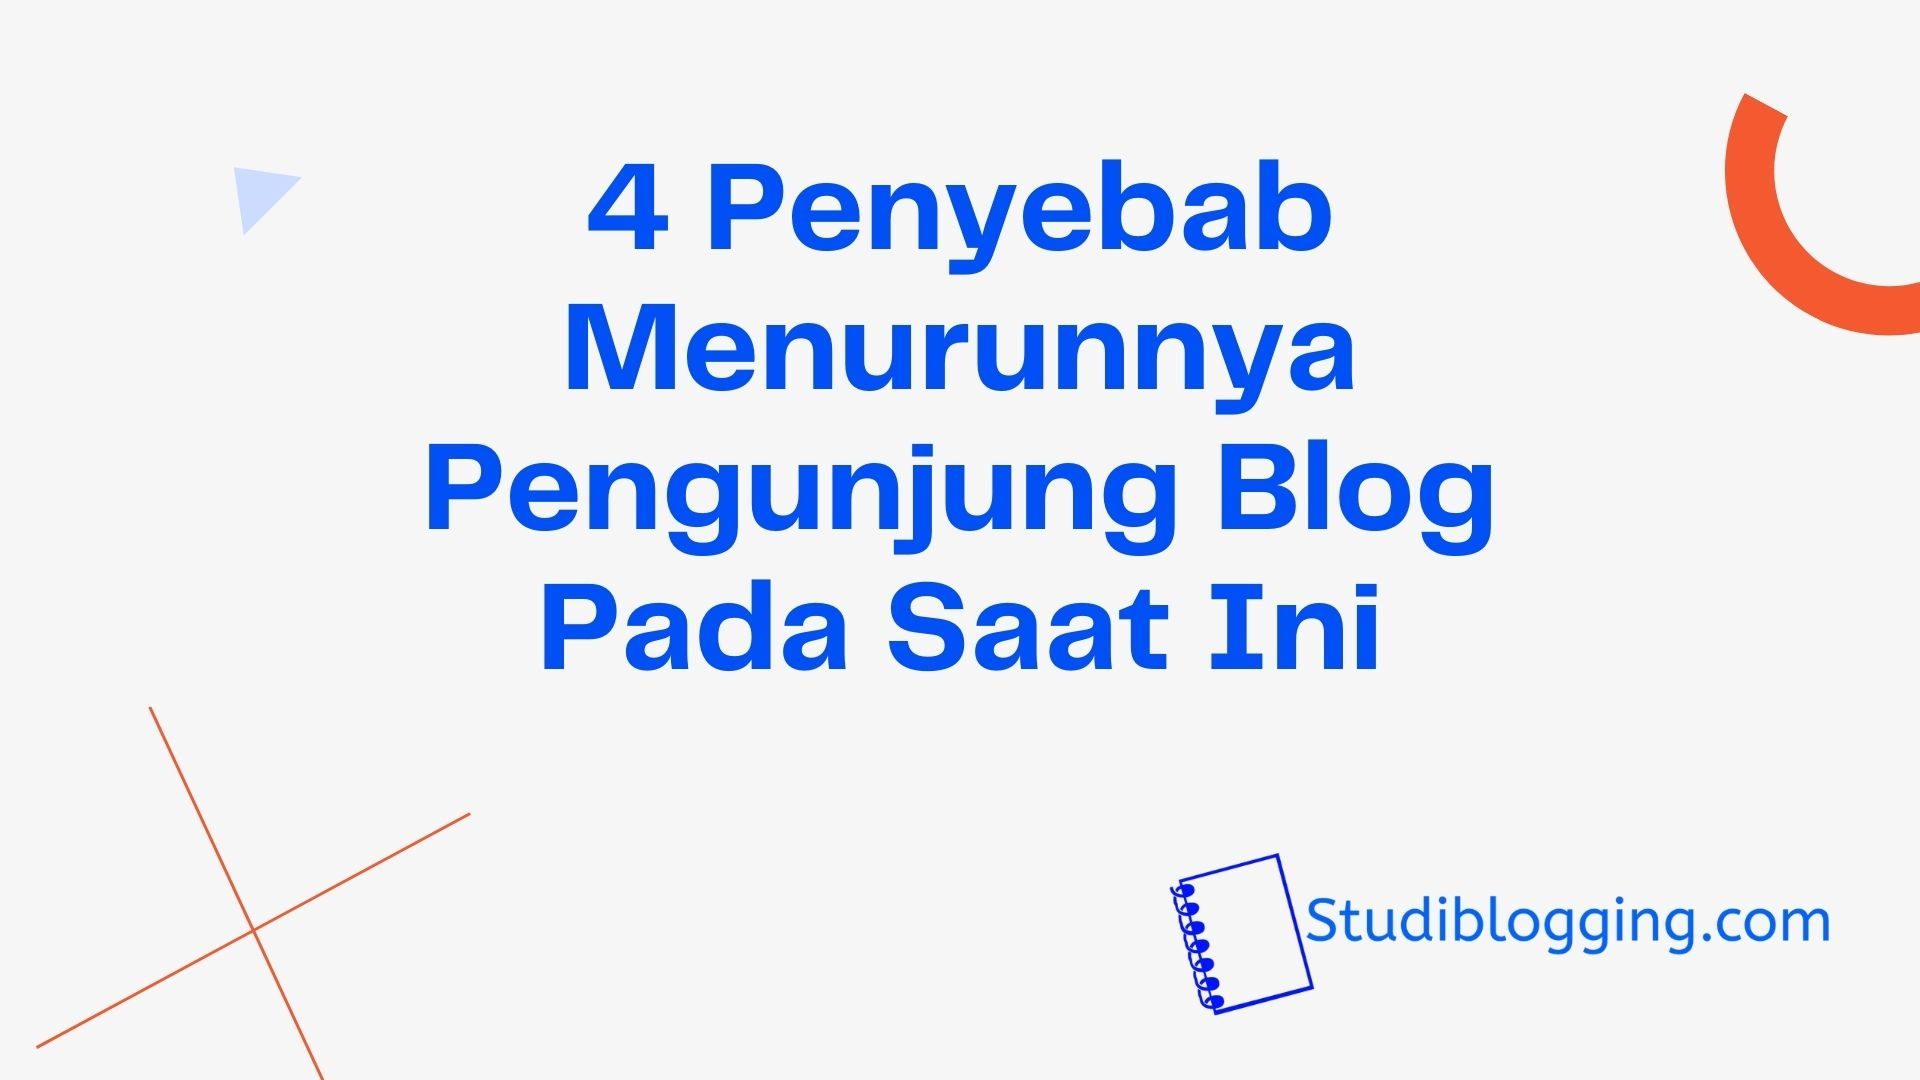 4 Penyebab Menurunnya Pengunjung Blog Pada Saat Ini